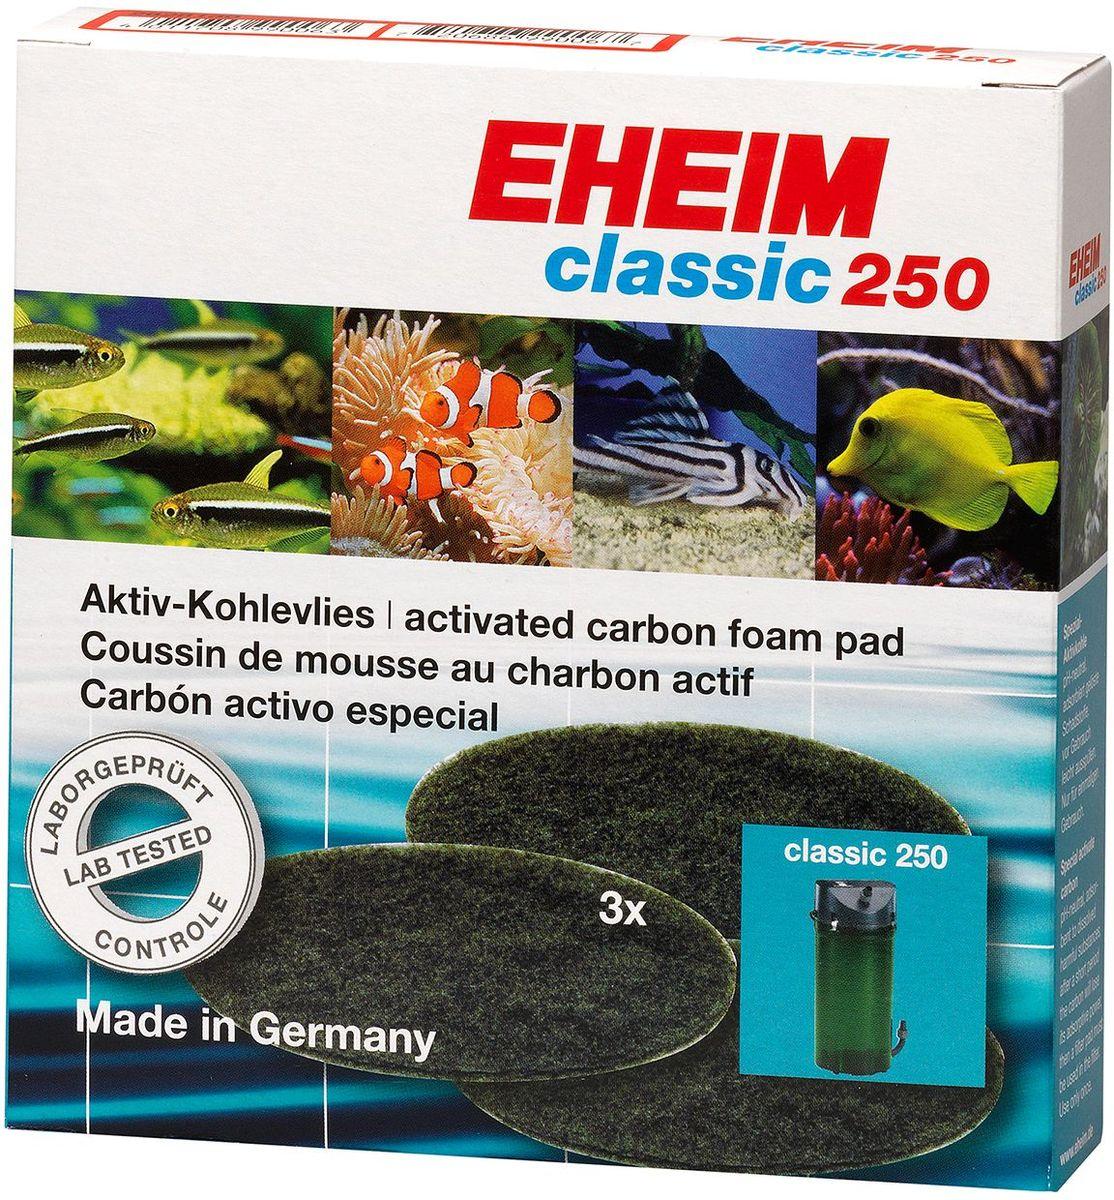 Наполнитель для фильтра Eheim Classic 250, угольный, 3 шт101246Пористая губка с активированным углем для фильтров Eheim Classic 250 применяется при запуске аквариума или после медикаментозного лечения. Эффективно удаляет вредные вещества-хлор, остатки лекарств.